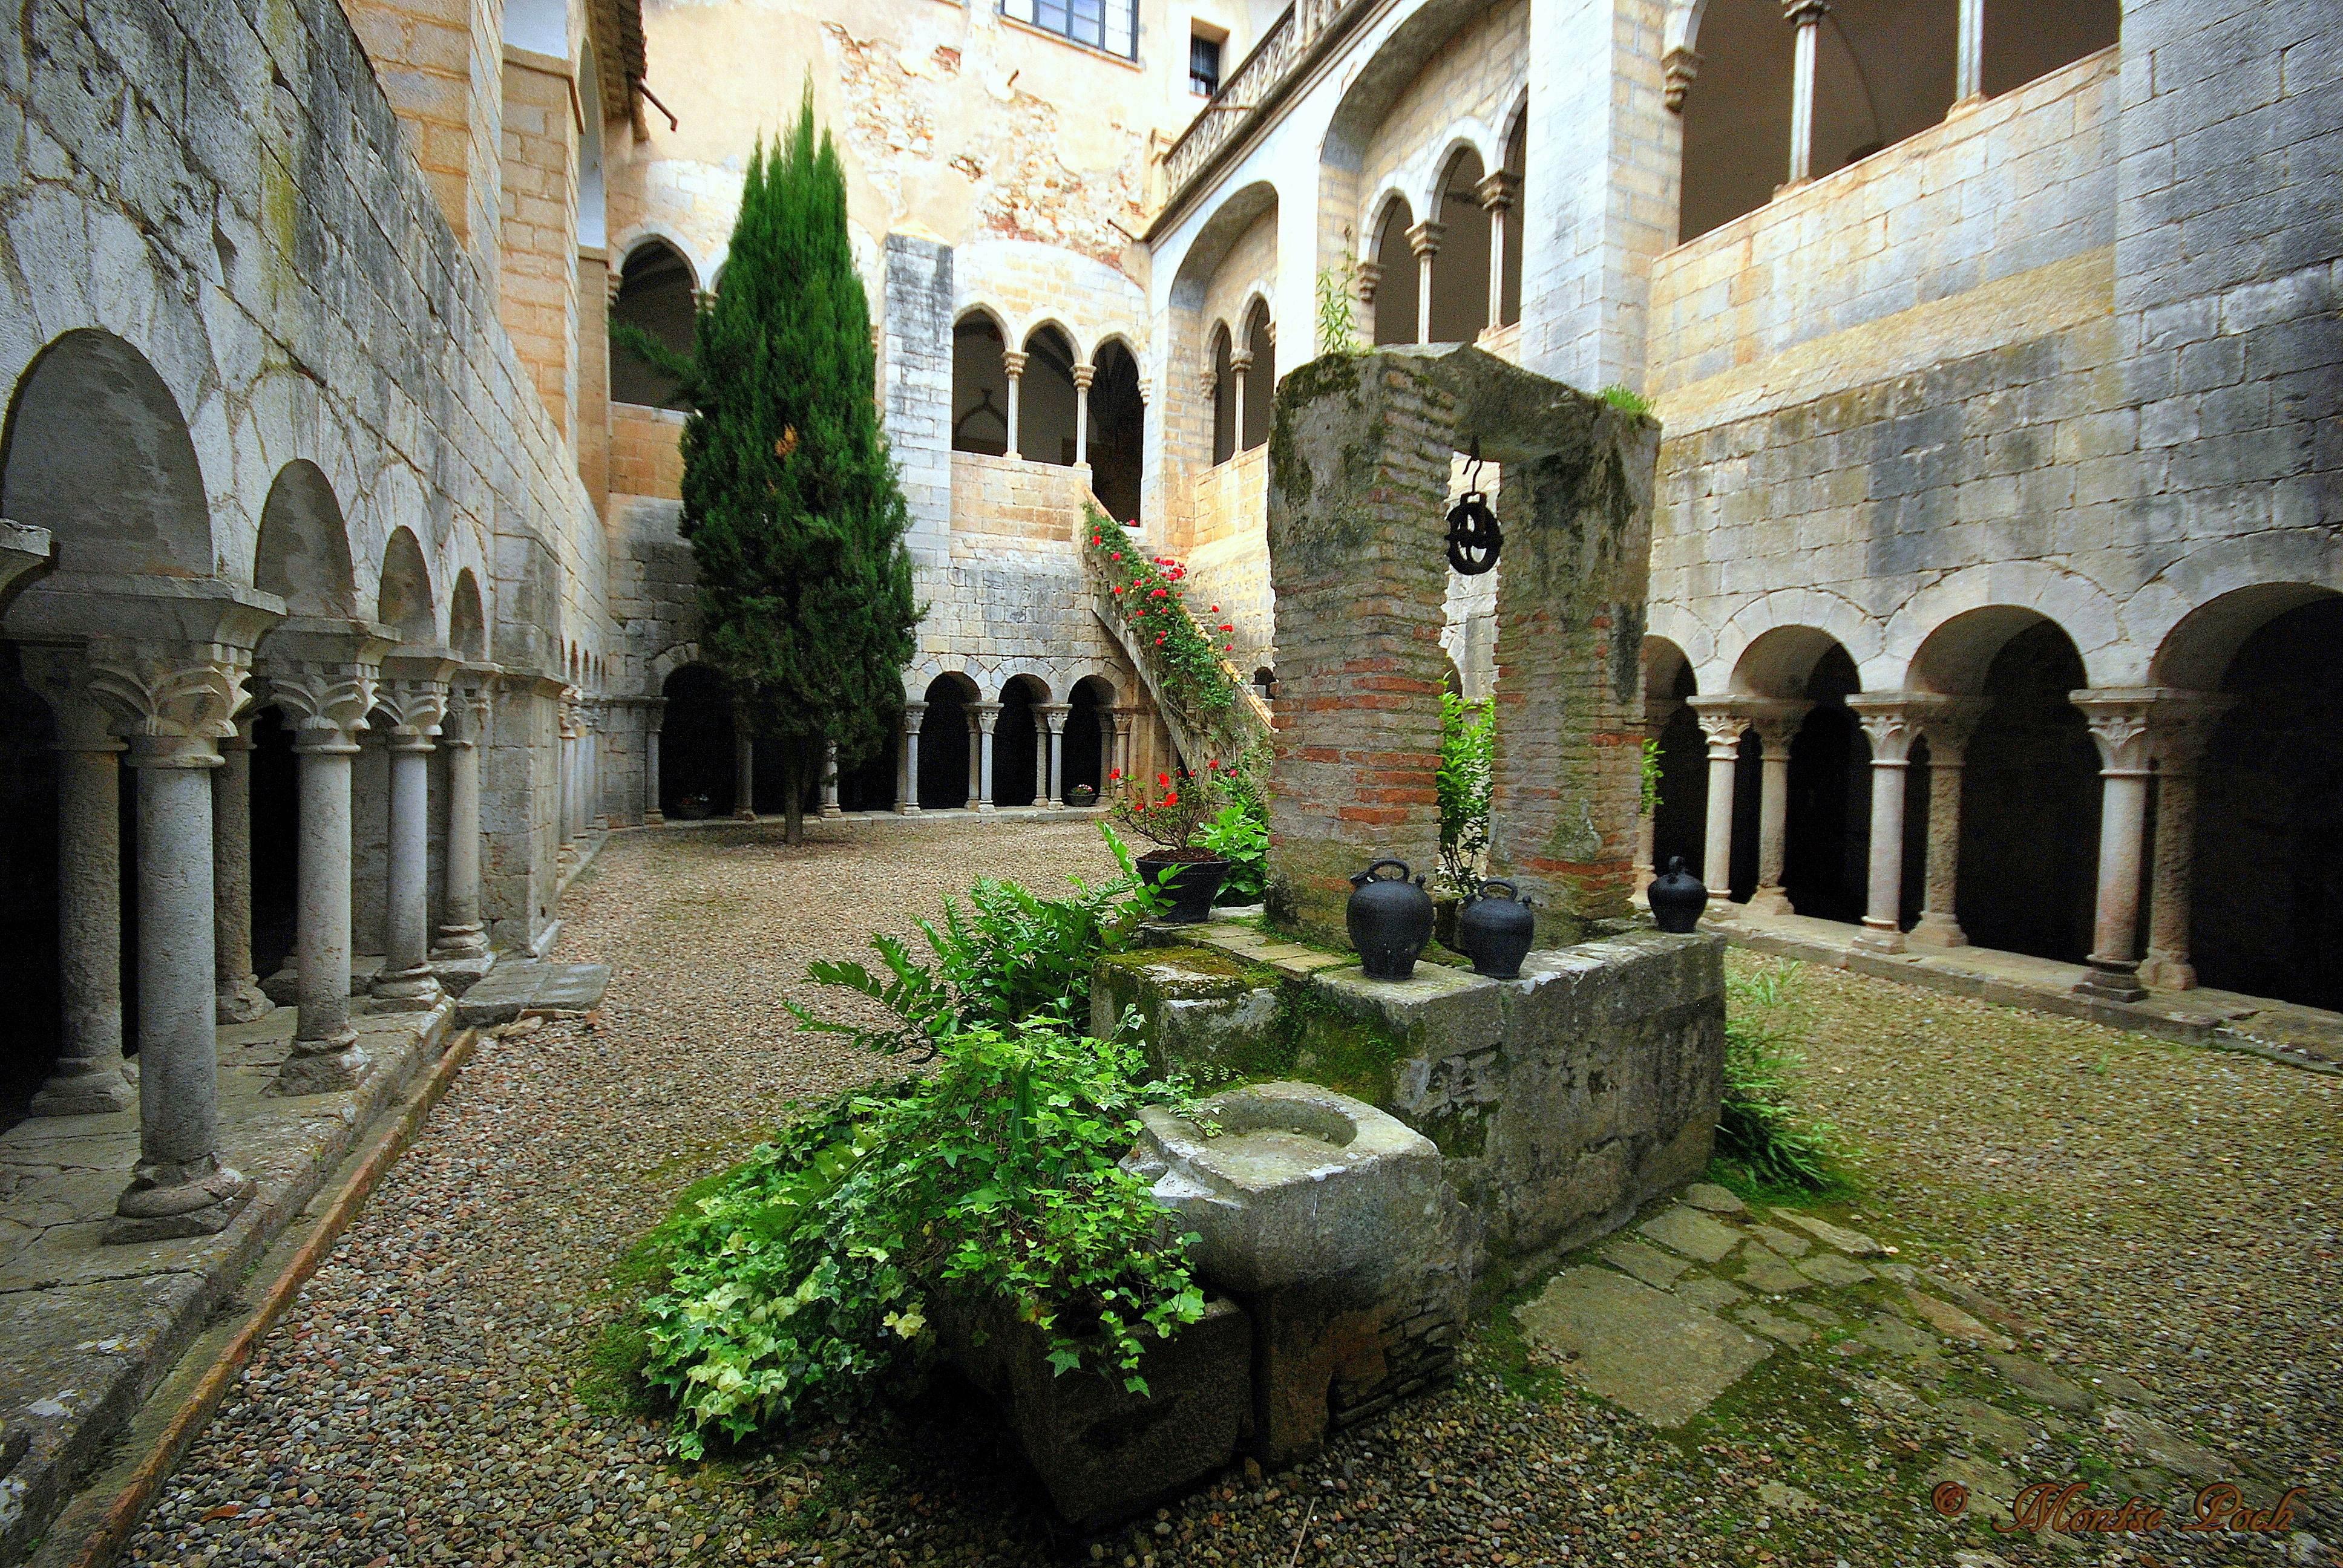 Fitxer monestir de sant daniel girona viquip dia l 39 enciclop dia lliure - Banos arabes de girona ...